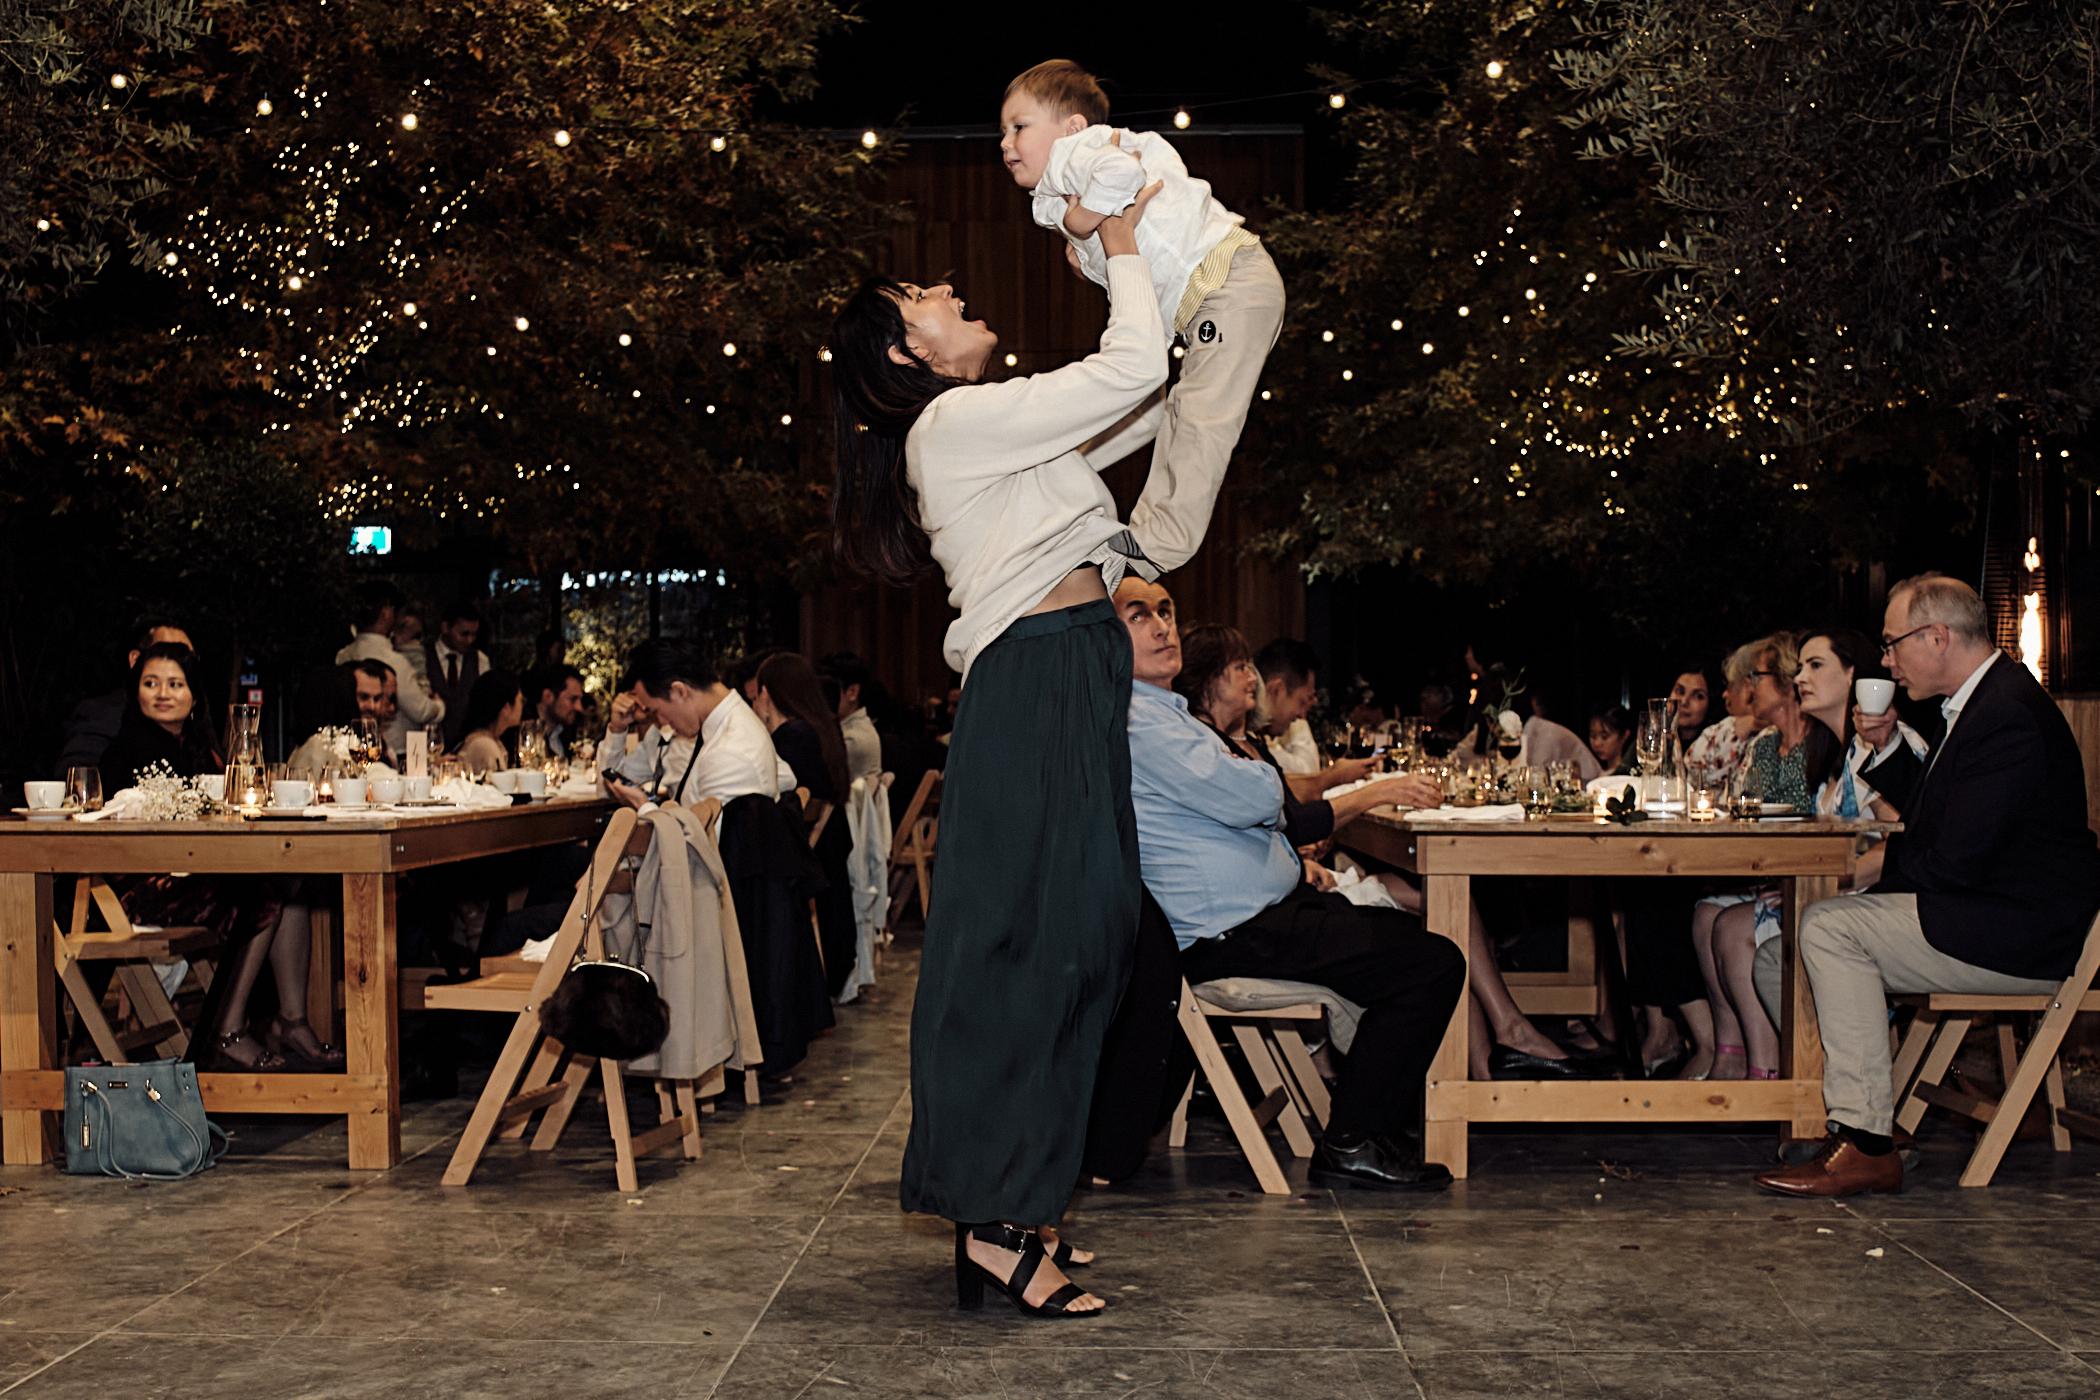 wedding photography 89394